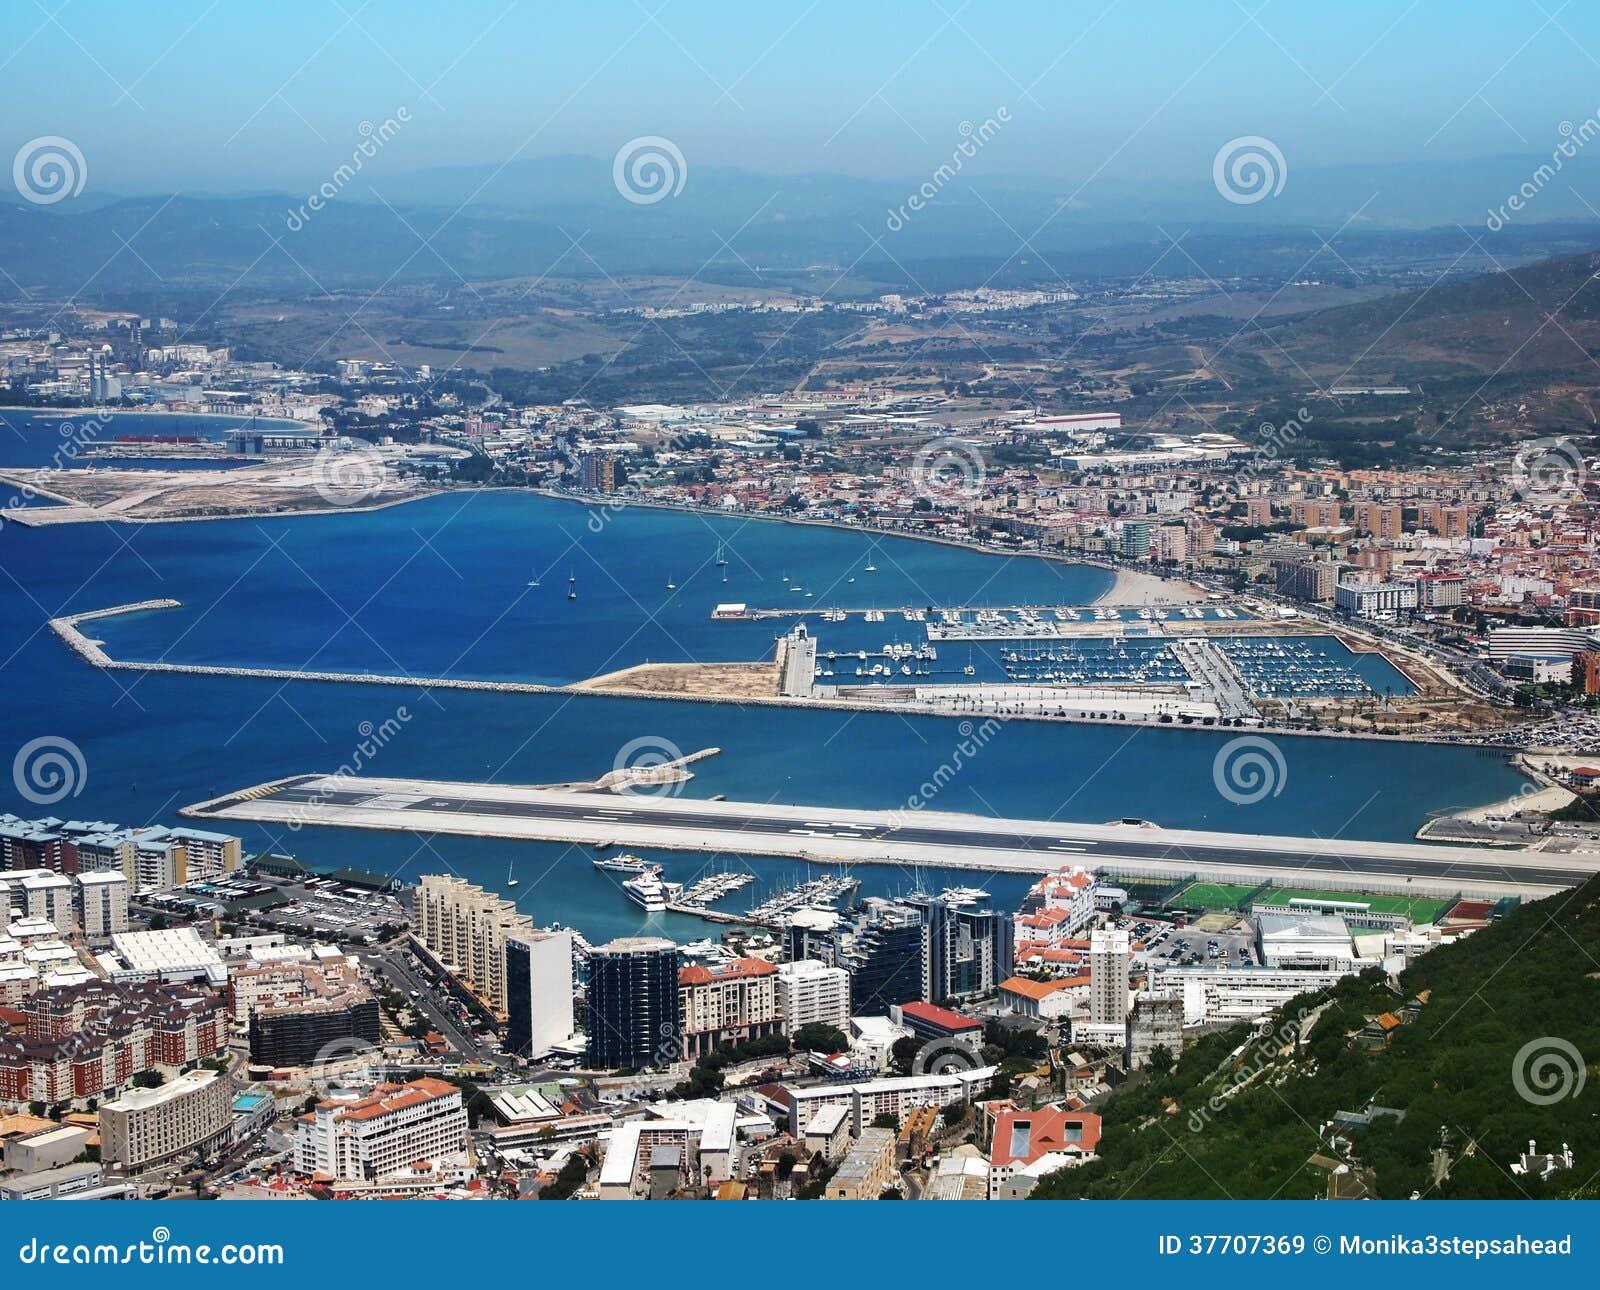 Aeroporto Gibilterra : Aeroporto di gibilterra immagine stock mare